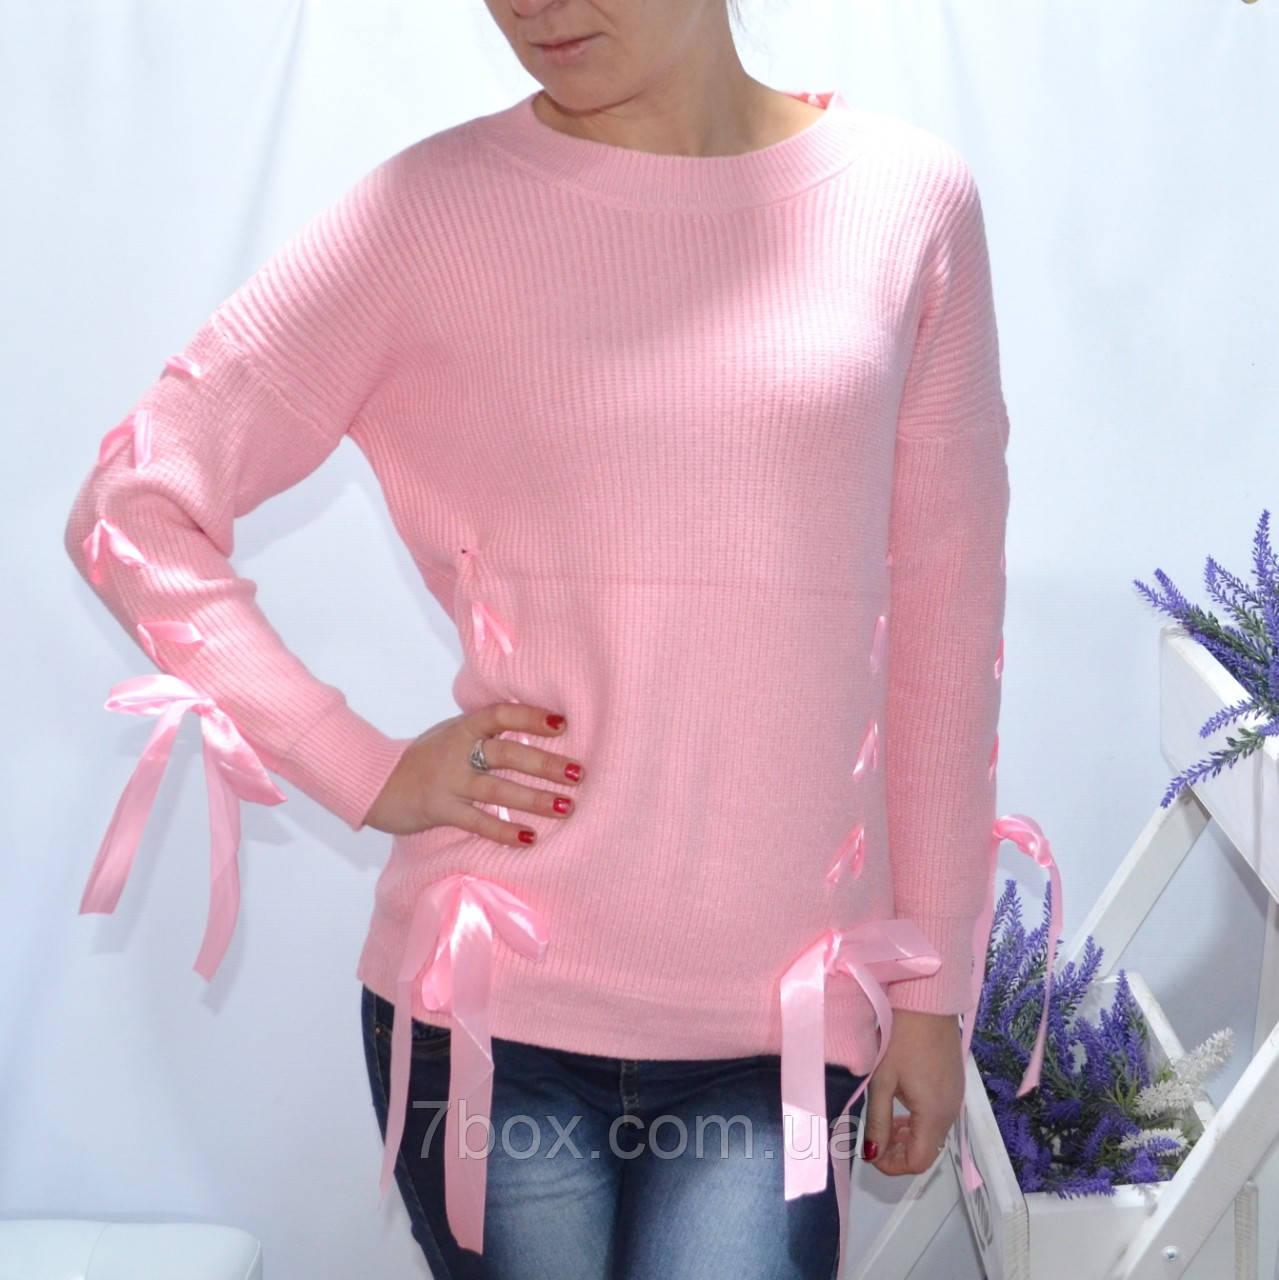 Кофточка женская с лентами тонкая вязка. Универсальный рр норма. Розовый